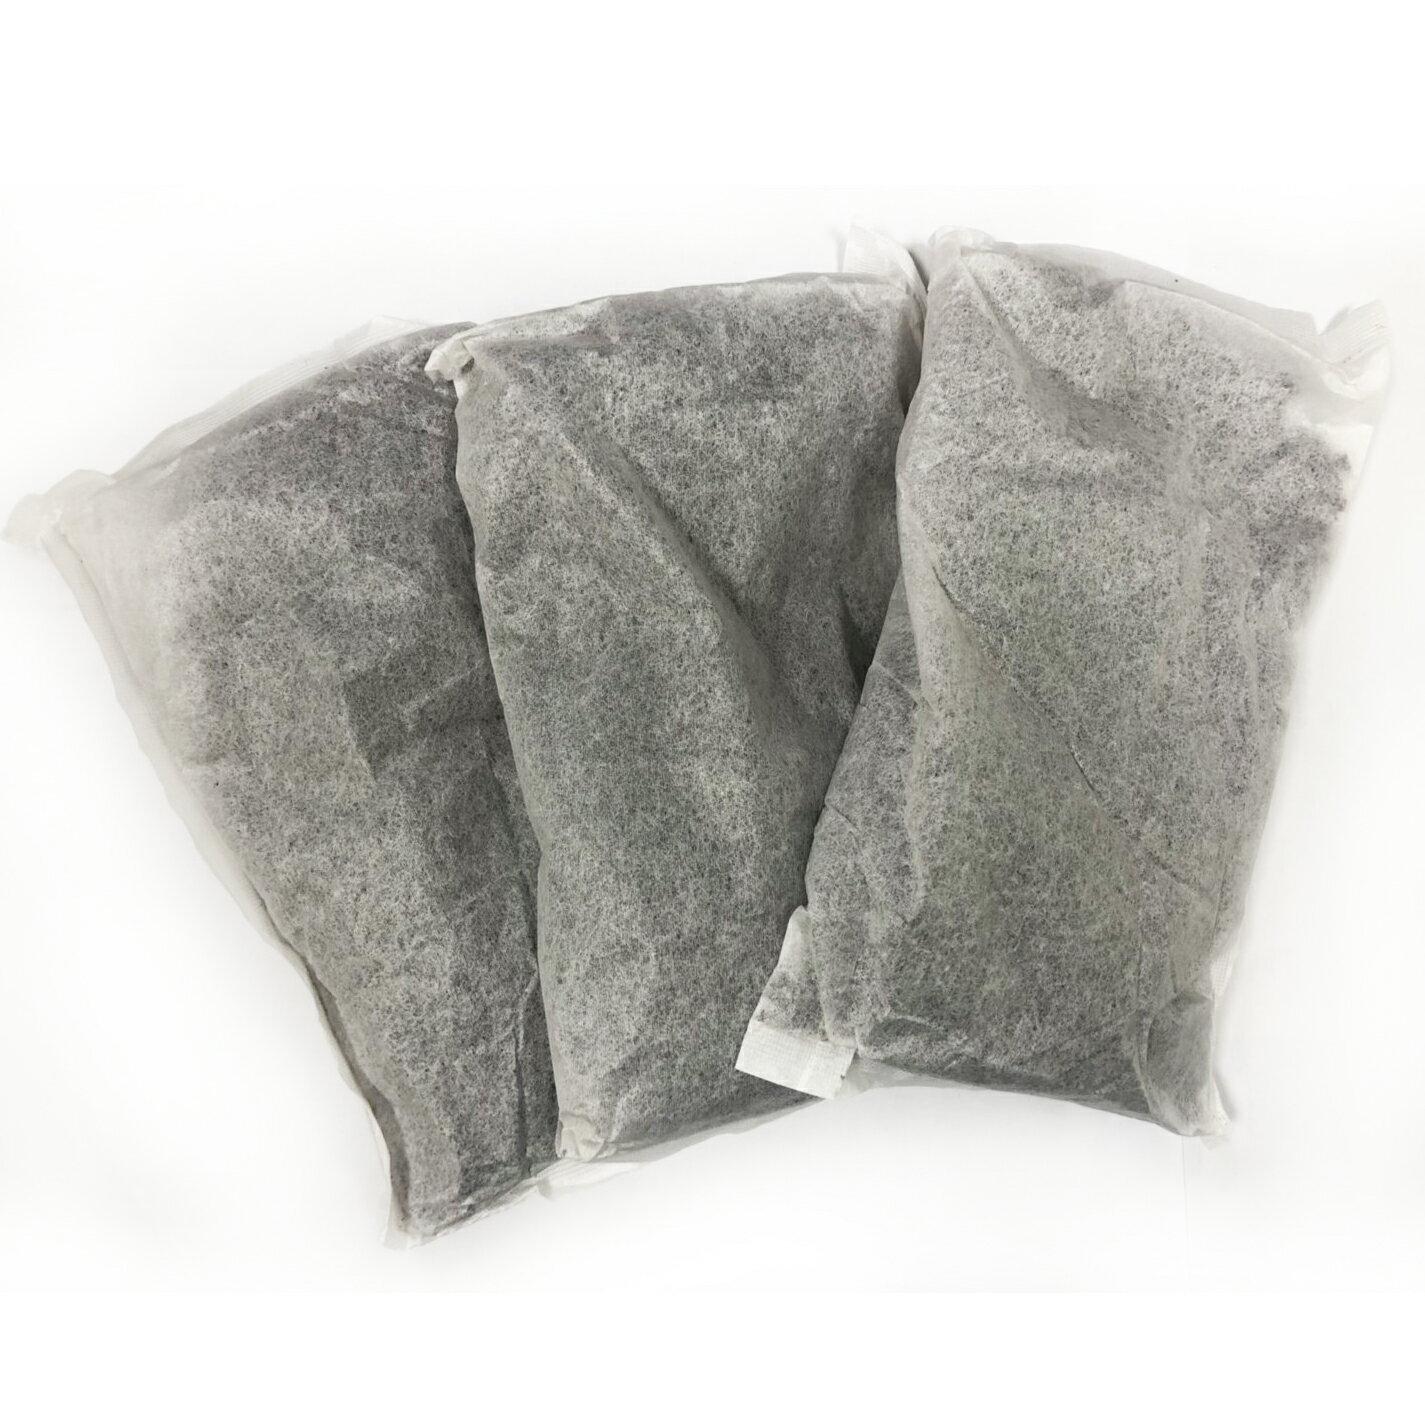 【正心堂】咖啡紅茶 / 麥香紅茶 60克/包X6入 商業用紅茶包 免濾包